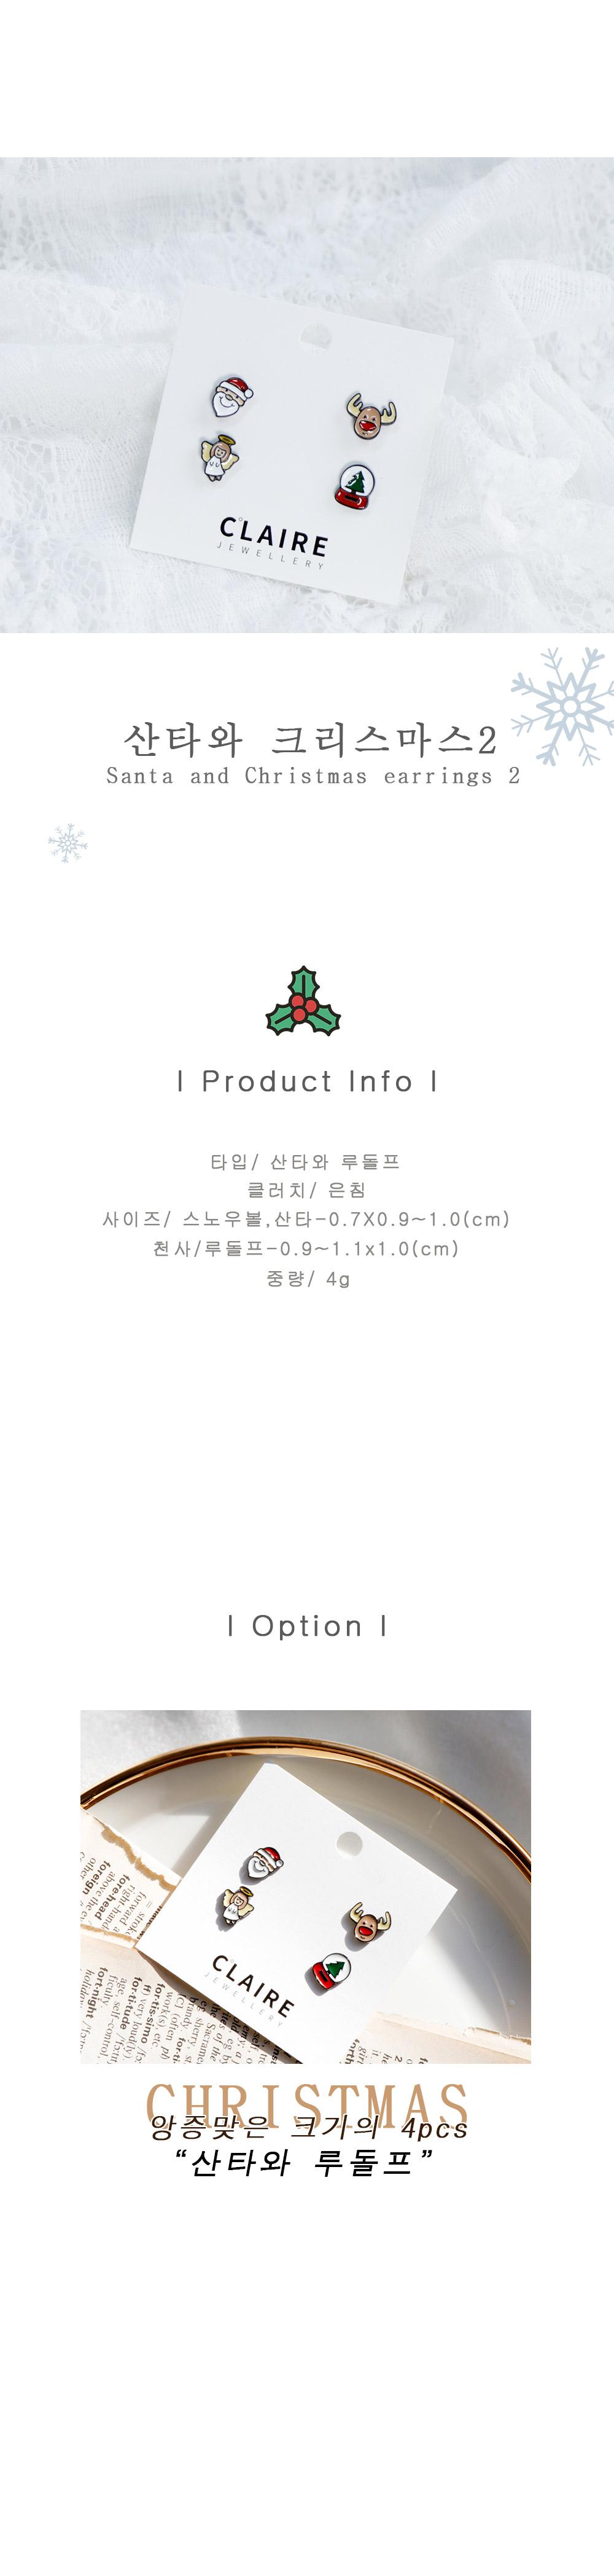 산타와 크리스마스 캐릭터 은침 귀걸이 2 - 클레어쥬얼리, 14,200원, 진주/원석, 볼귀걸이